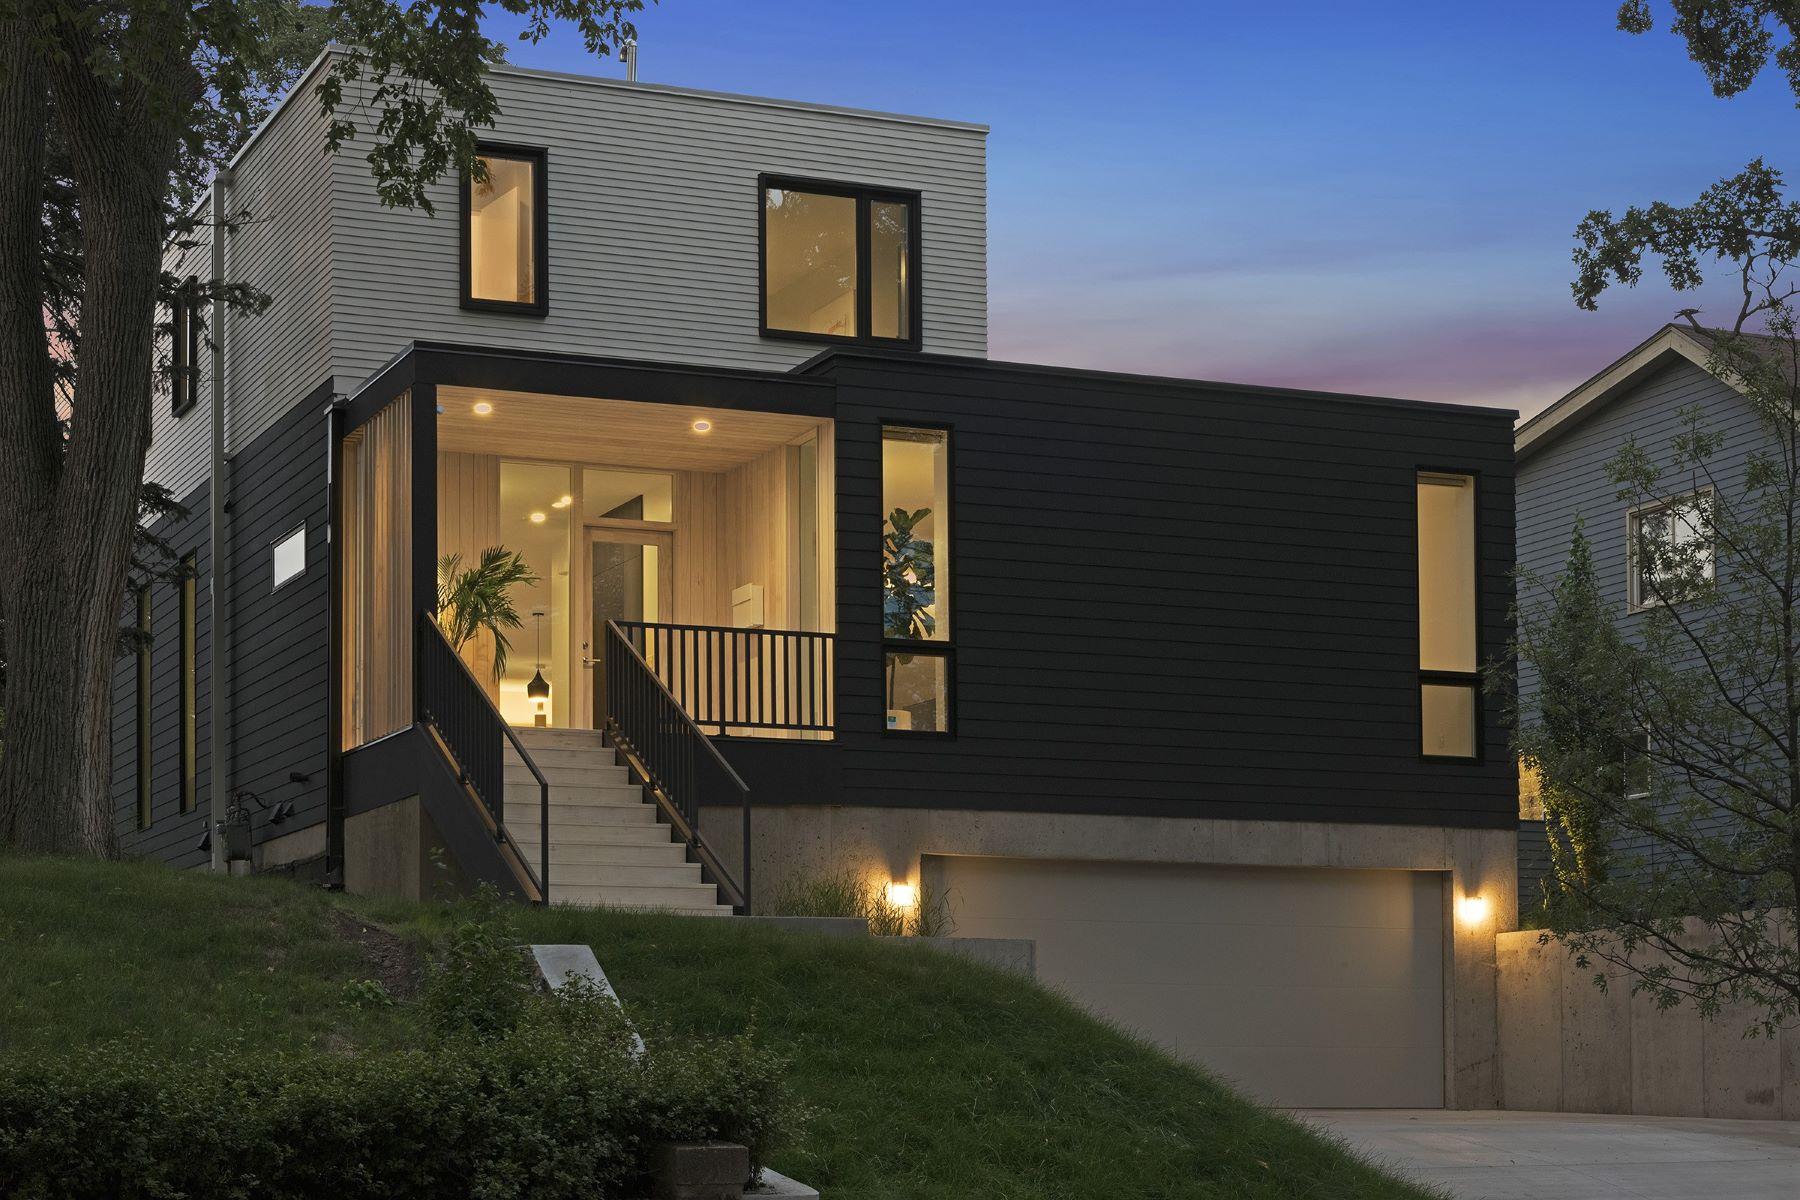 独户住宅 为 销售 在 4043 Abbott Ave S 4043 Abbott Avenue S 明尼阿波利斯市, 明尼苏达州, 55410 美国